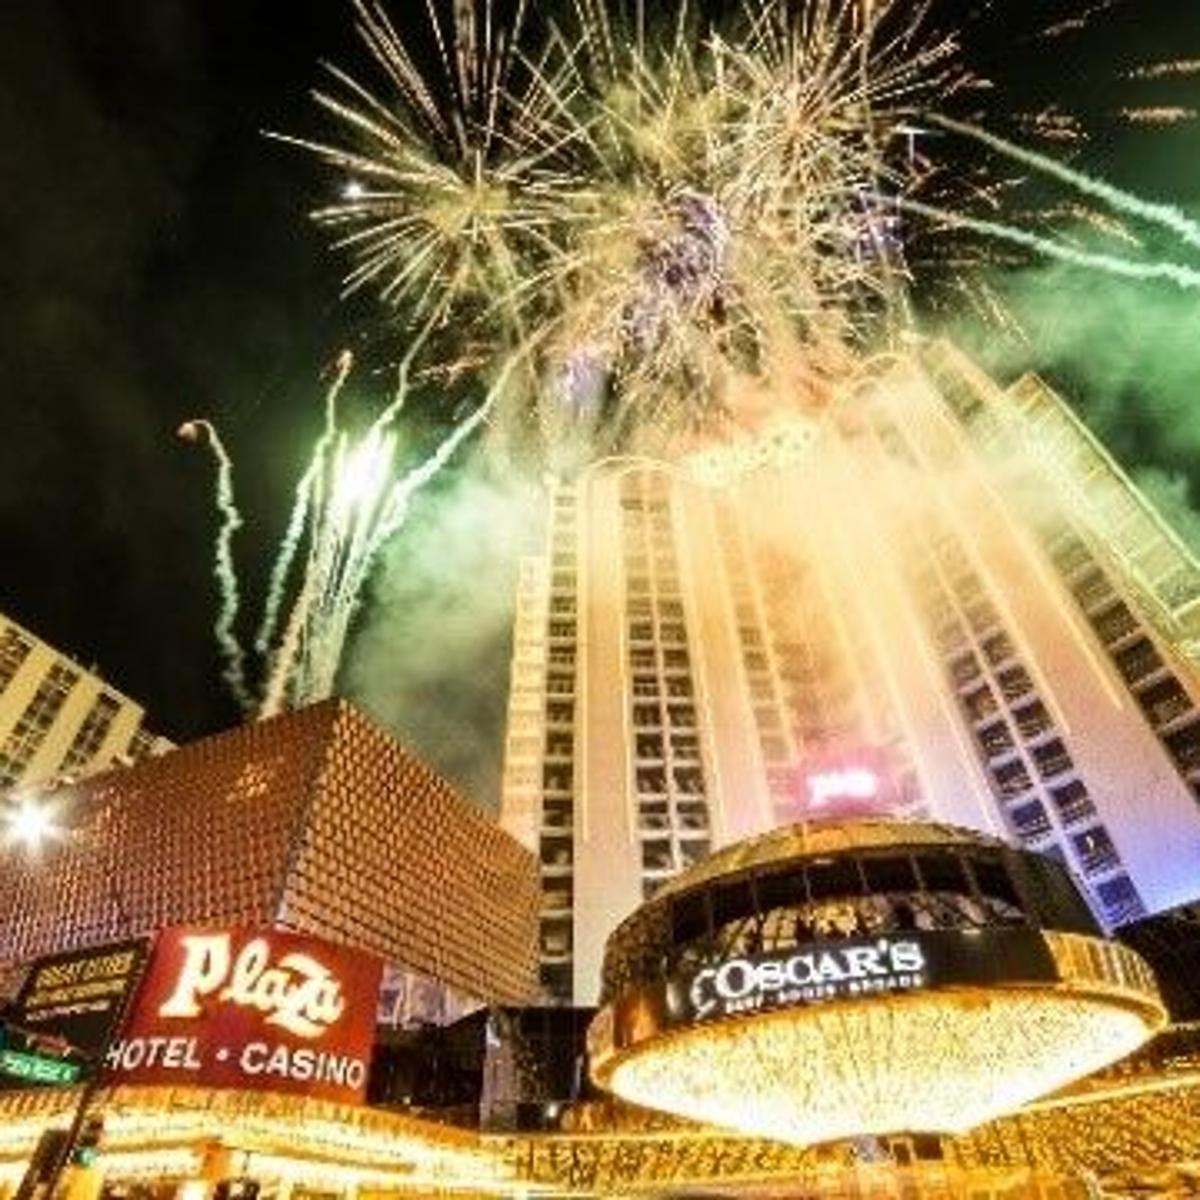 Indiana casino new years eve super rambo bros 2 game